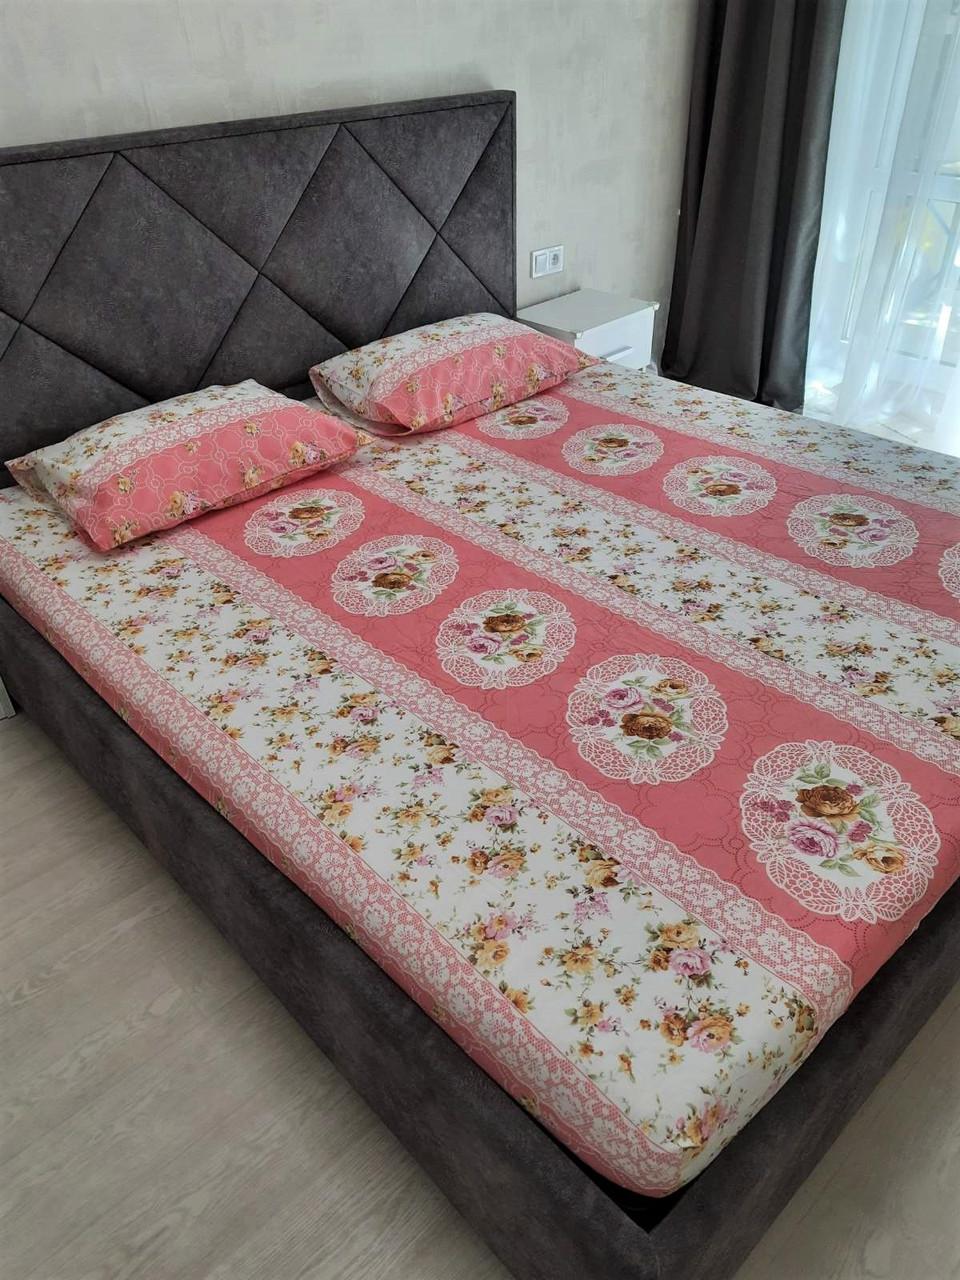 Комплект з простирадлом на резинці на матрац 180*200 см Туреччина №5 Рожева